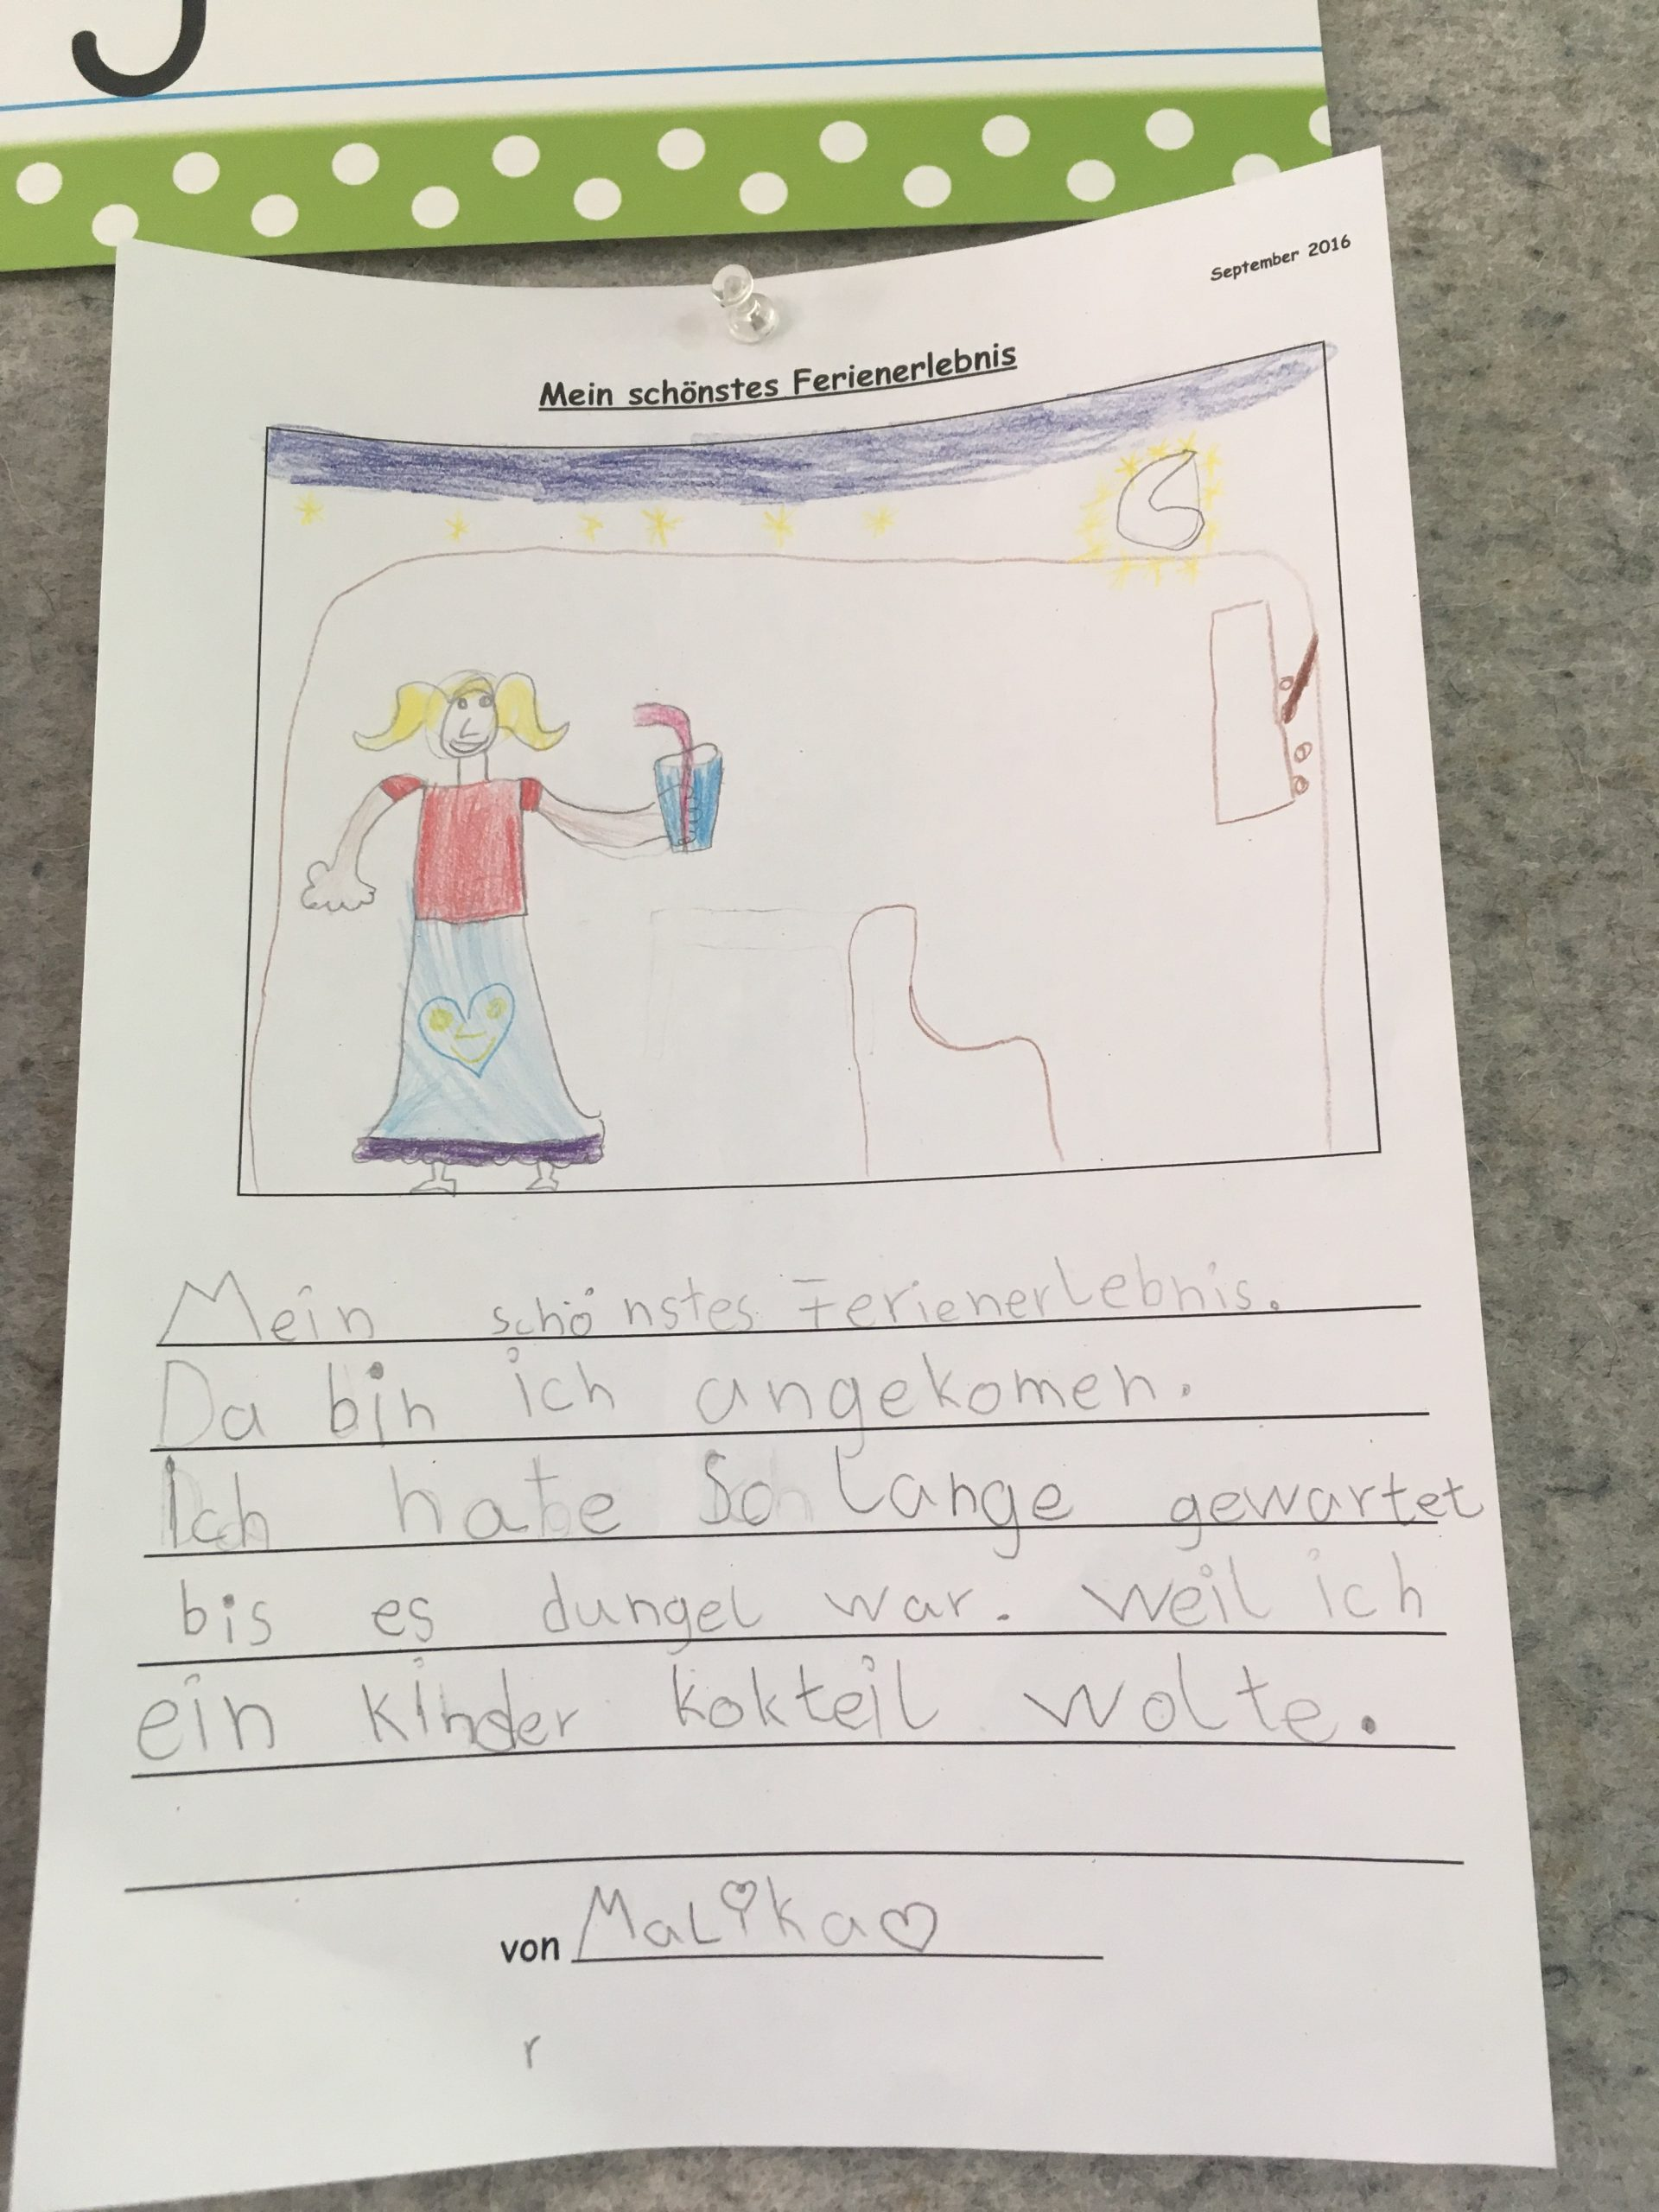 Ferien – Aris Grundschulblog bei Ferienerlebnisse Schreiben Grundschule